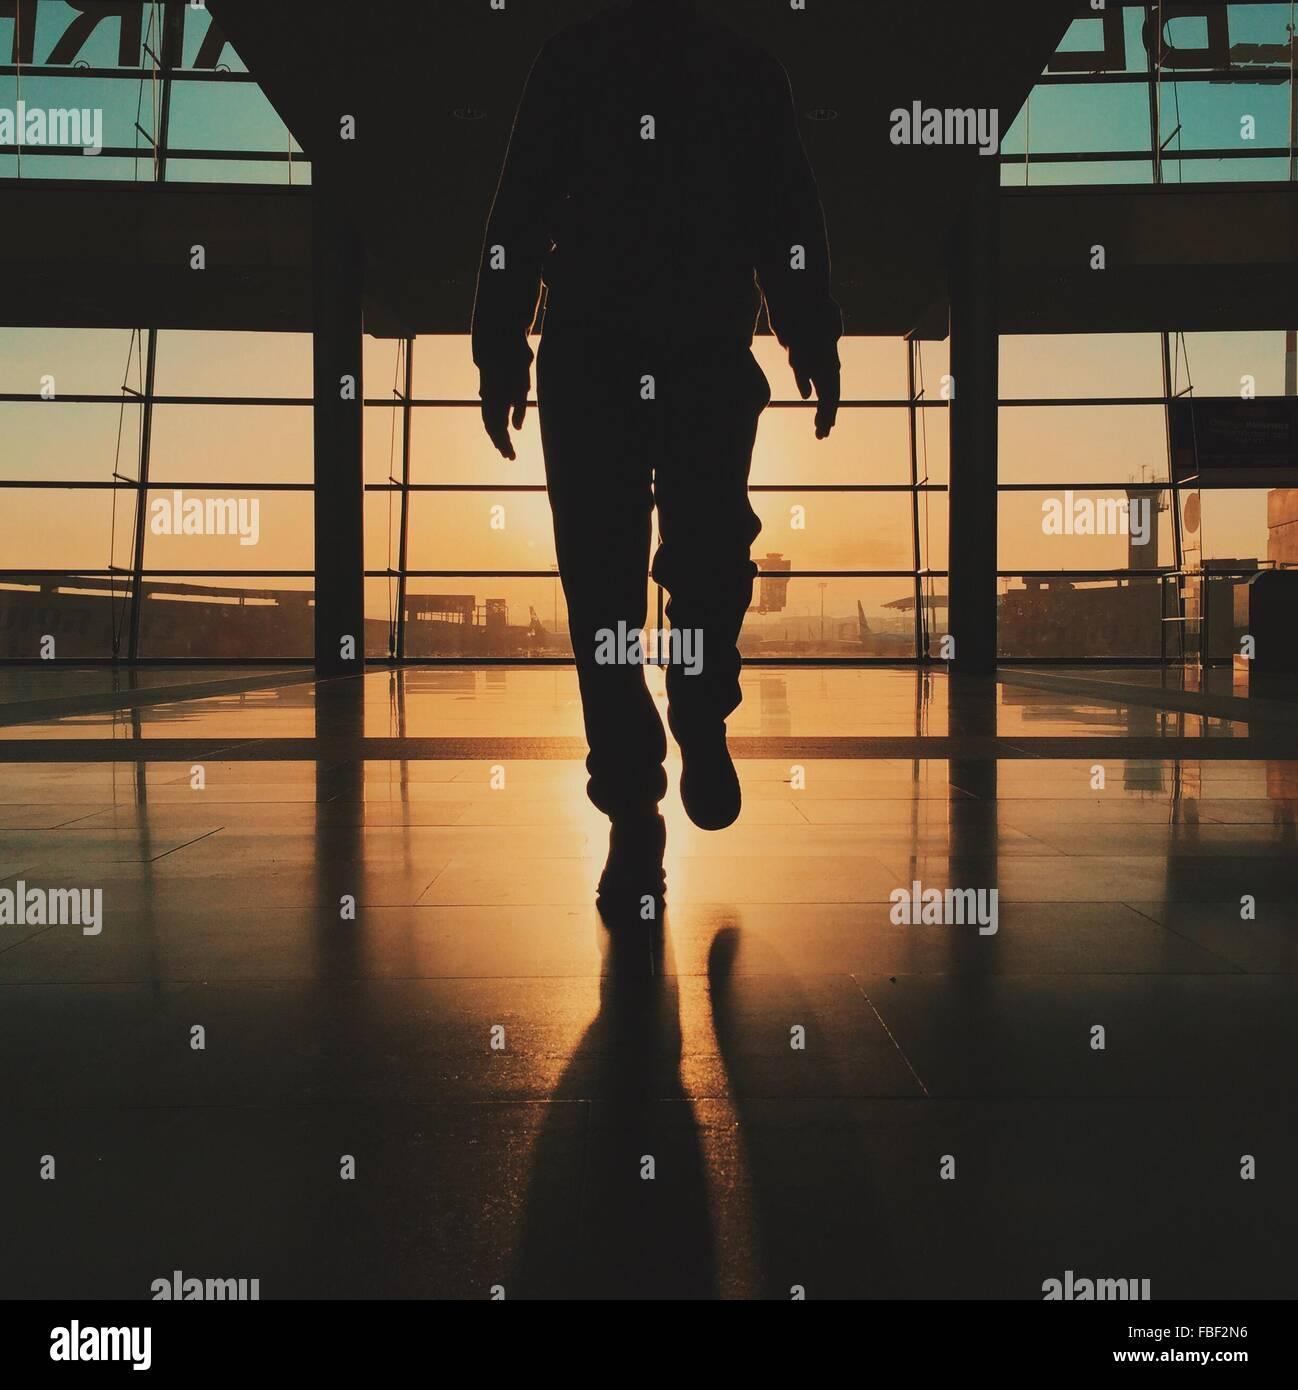 Geringen Teil der Silhouette Mann zu Fuß am Flughafen Stockbild